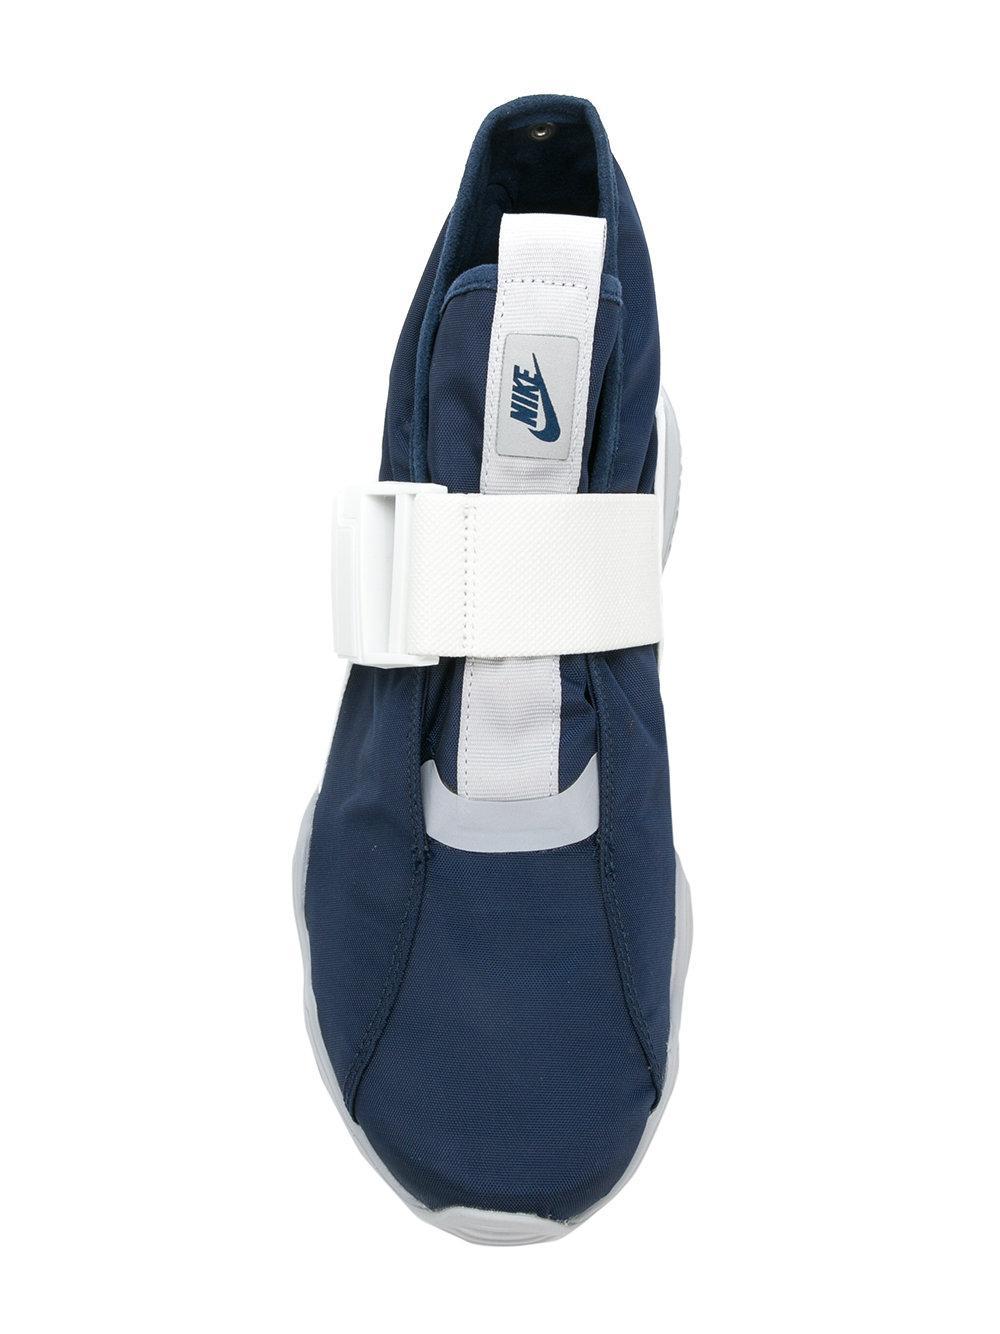 Nike Buckled Slip-on Sneakers In Blue